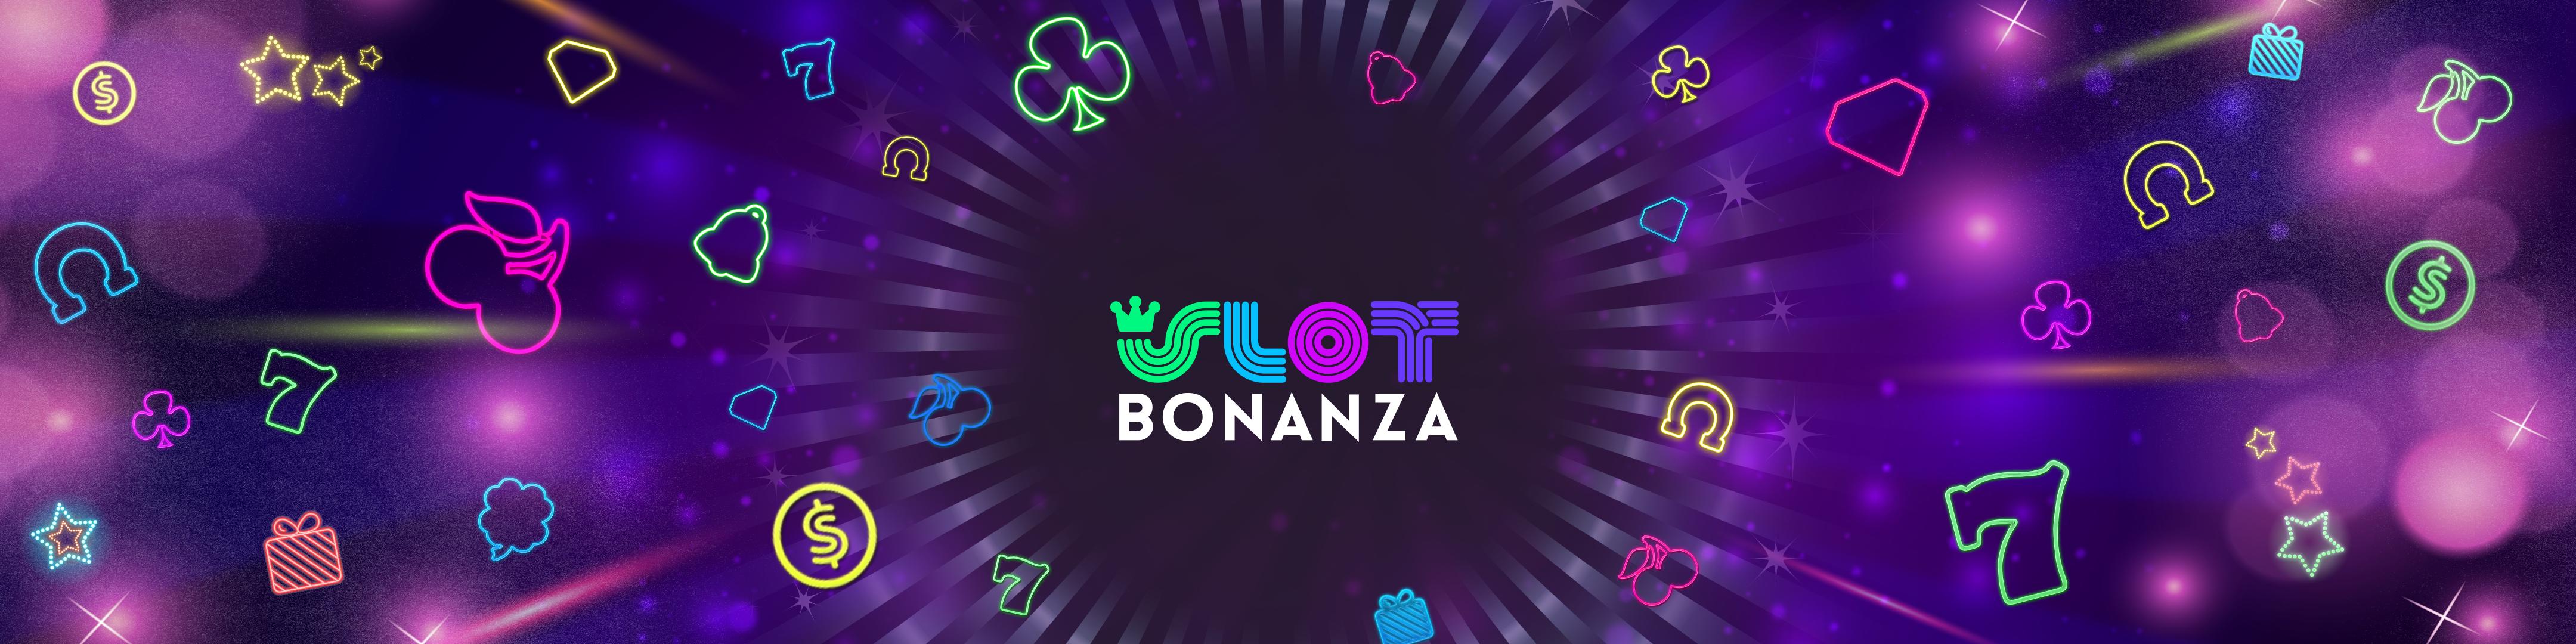 slot bonanza